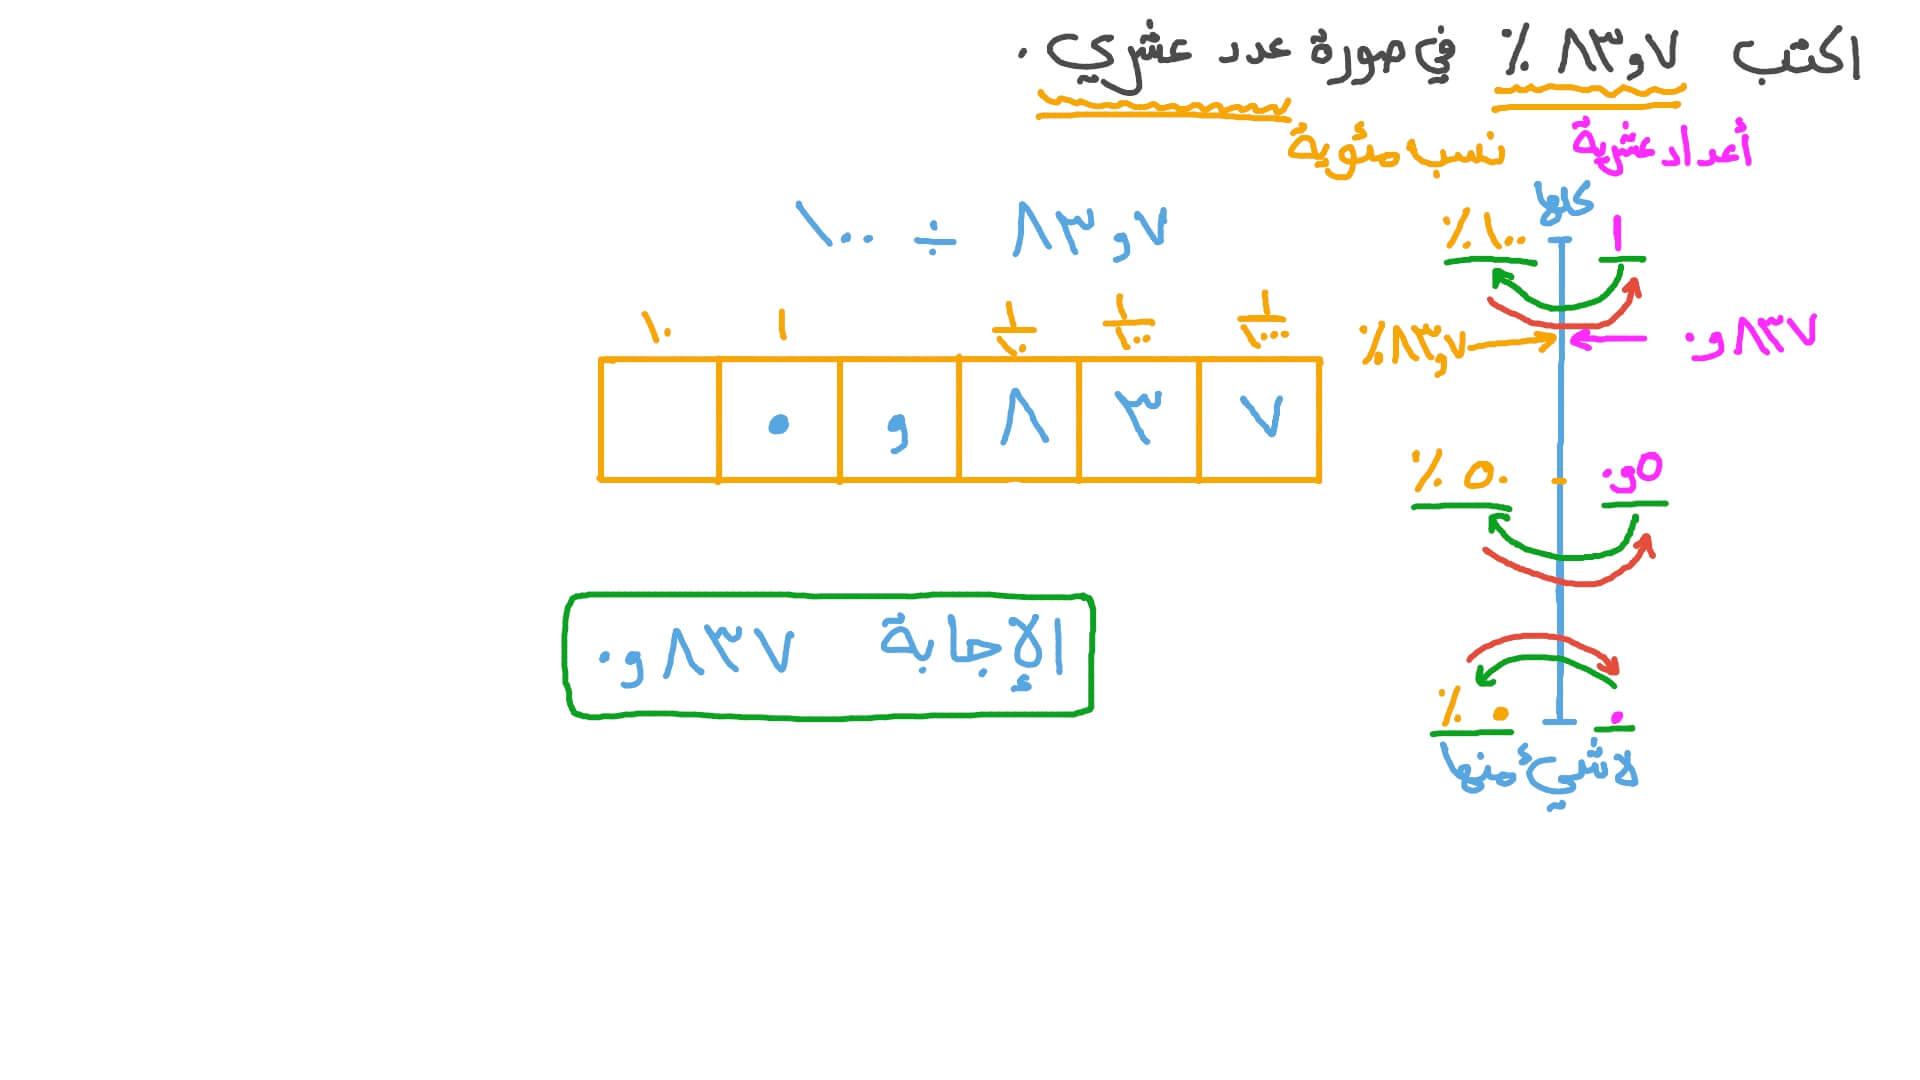 فيديو السؤال كتابة النسبة المئوية في صورة عدد عشري نجوى